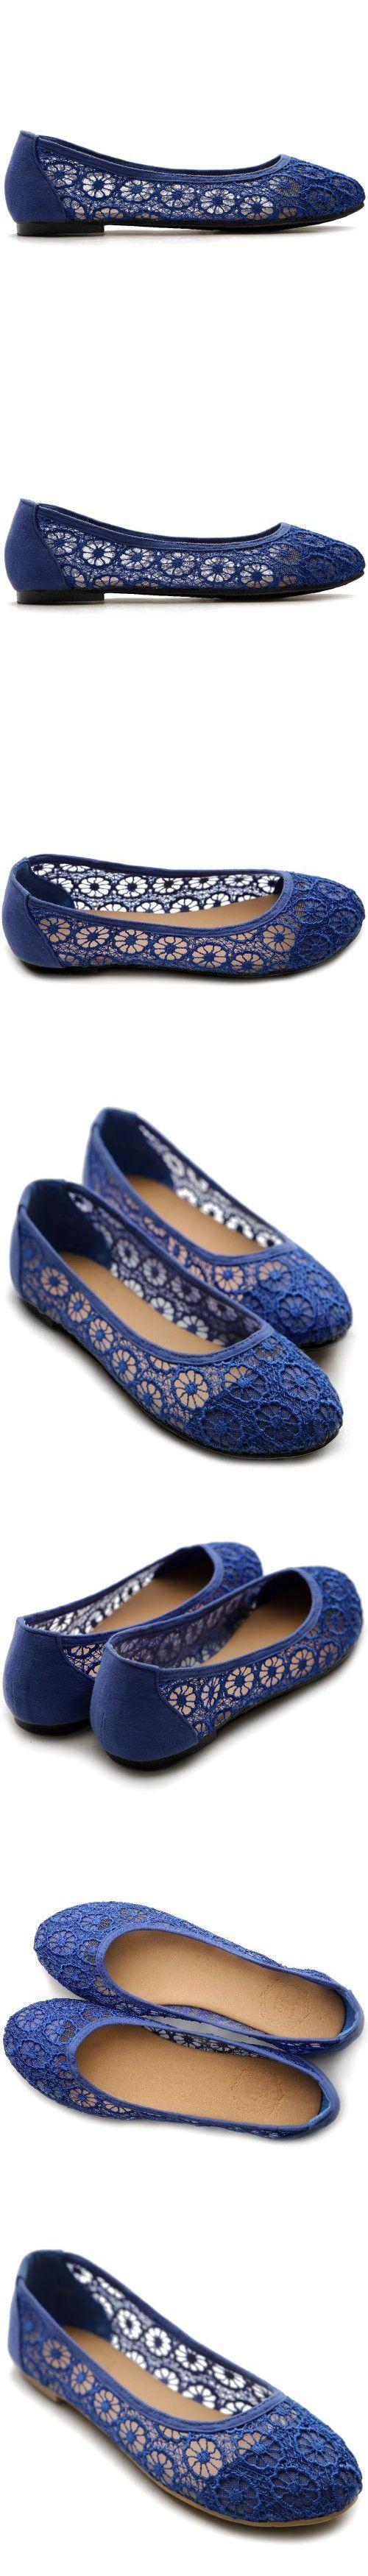 Ollio Women's Ballet Shoe Floral Lace Breathable Flat(8 B(M) US, Royal Blue)